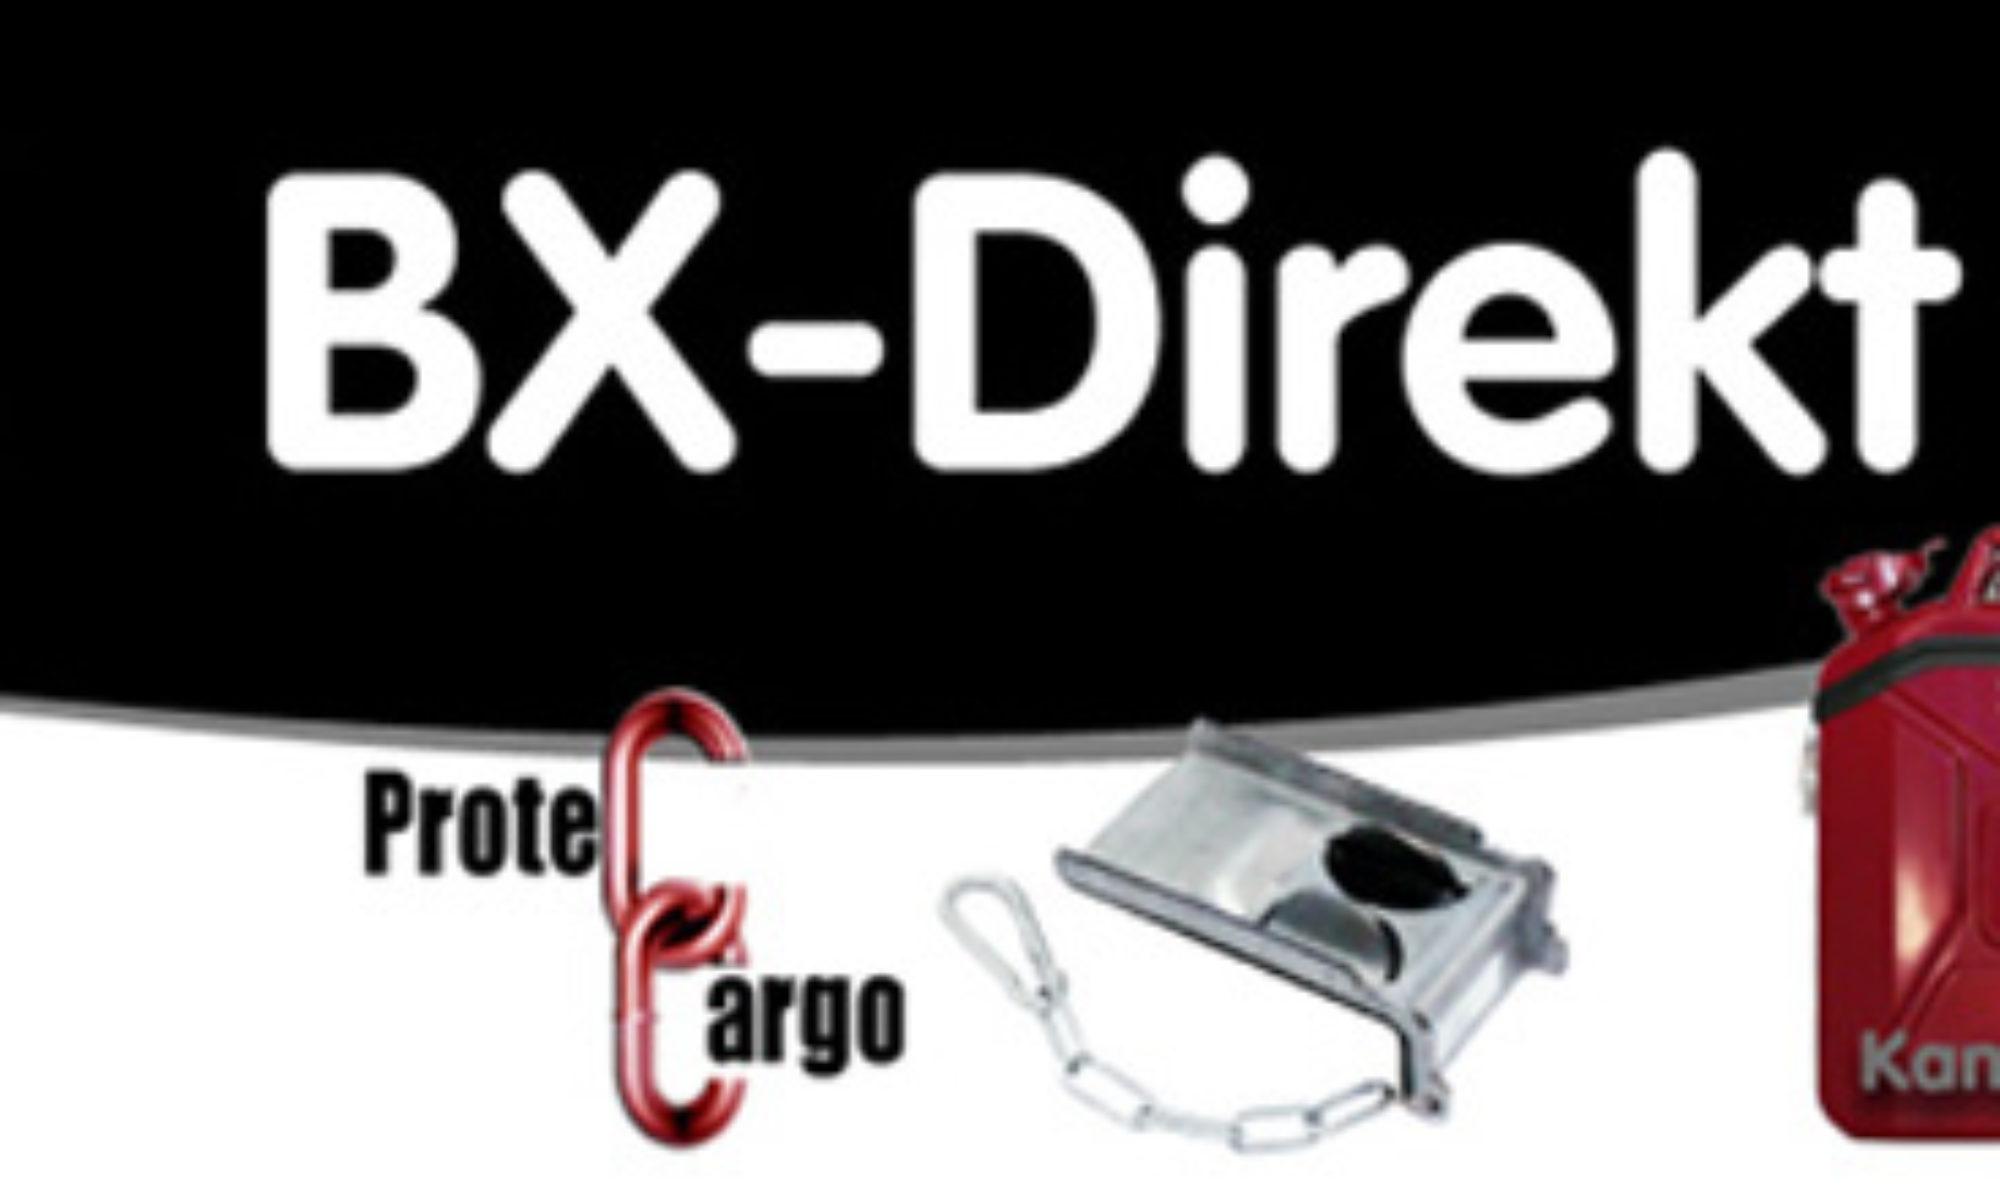 BX-Direkt